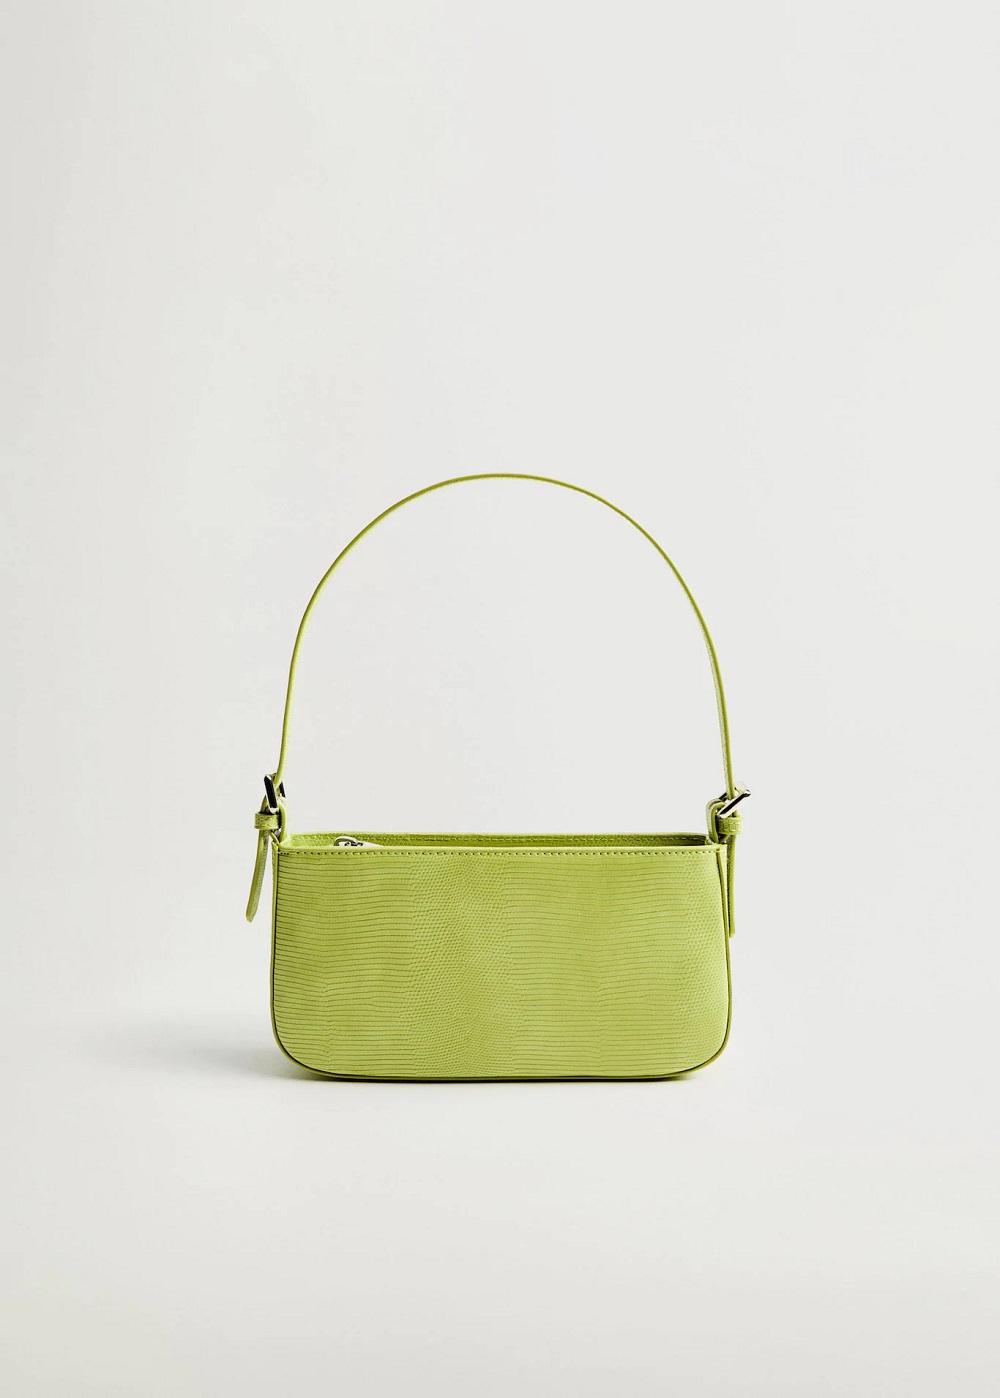 Mango torbe u boji proljeće ljeto 2021.